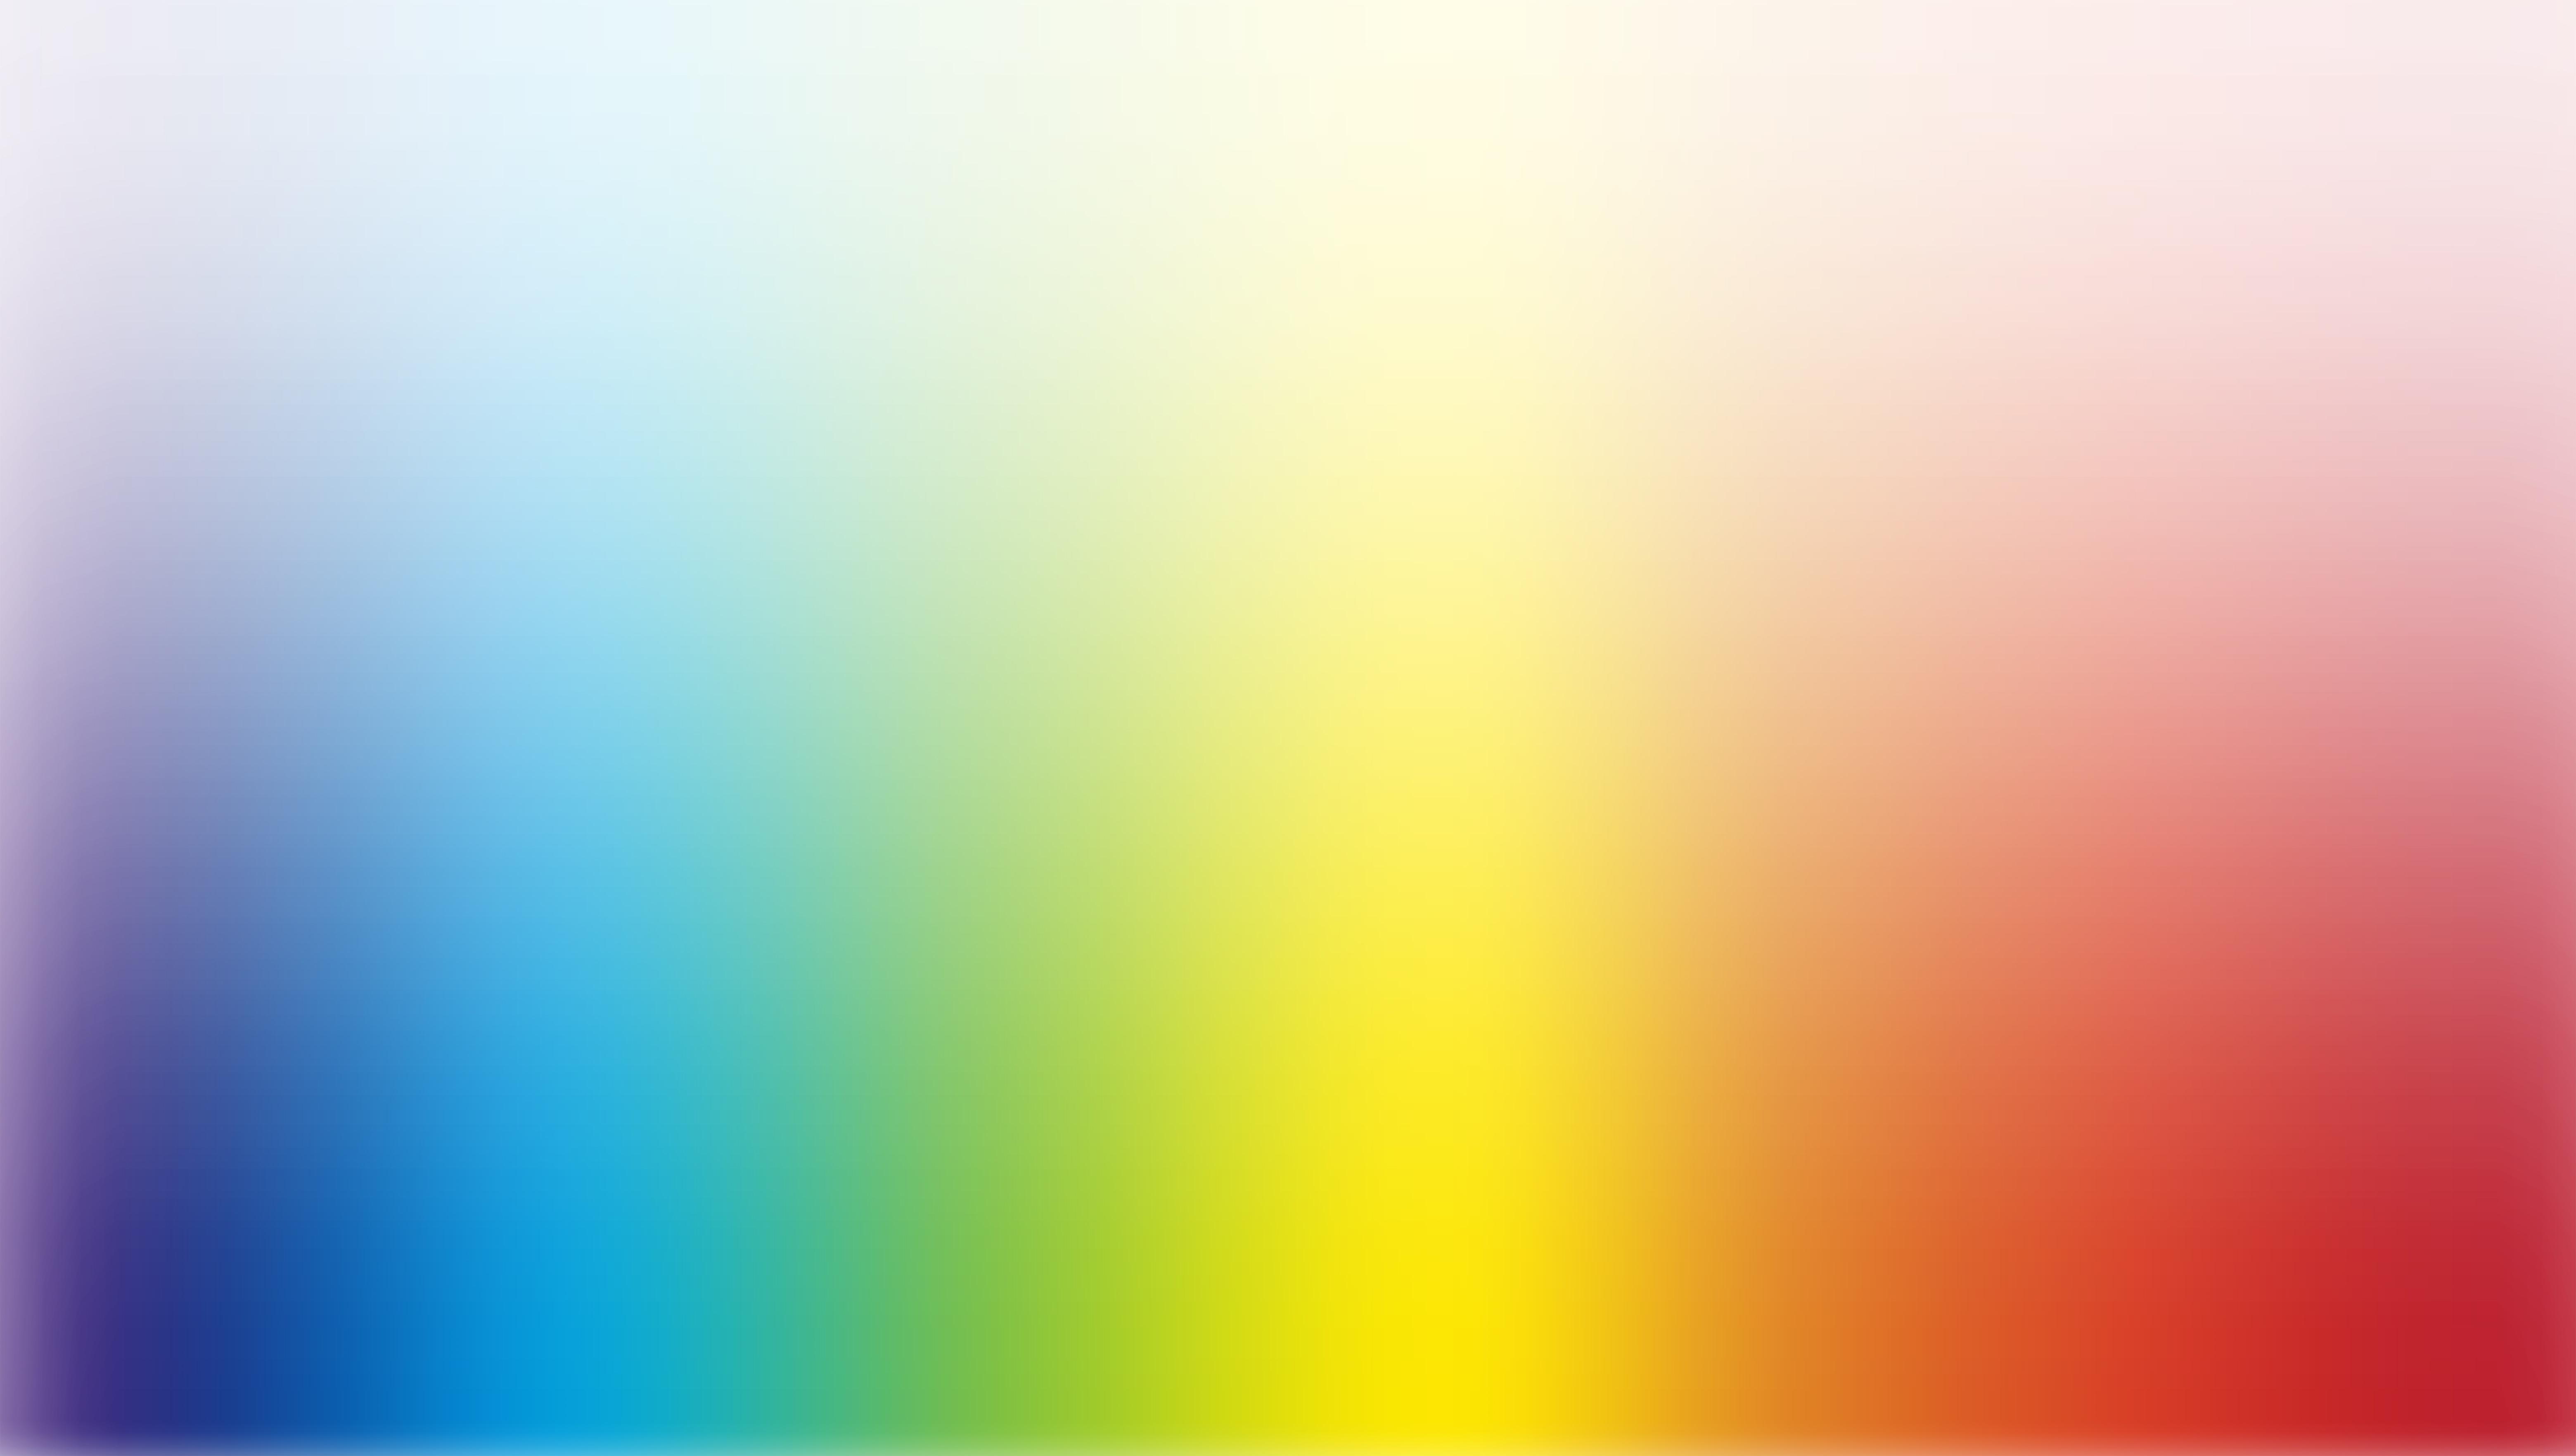 彩虹背景 免費下載 | 天天瘋後製